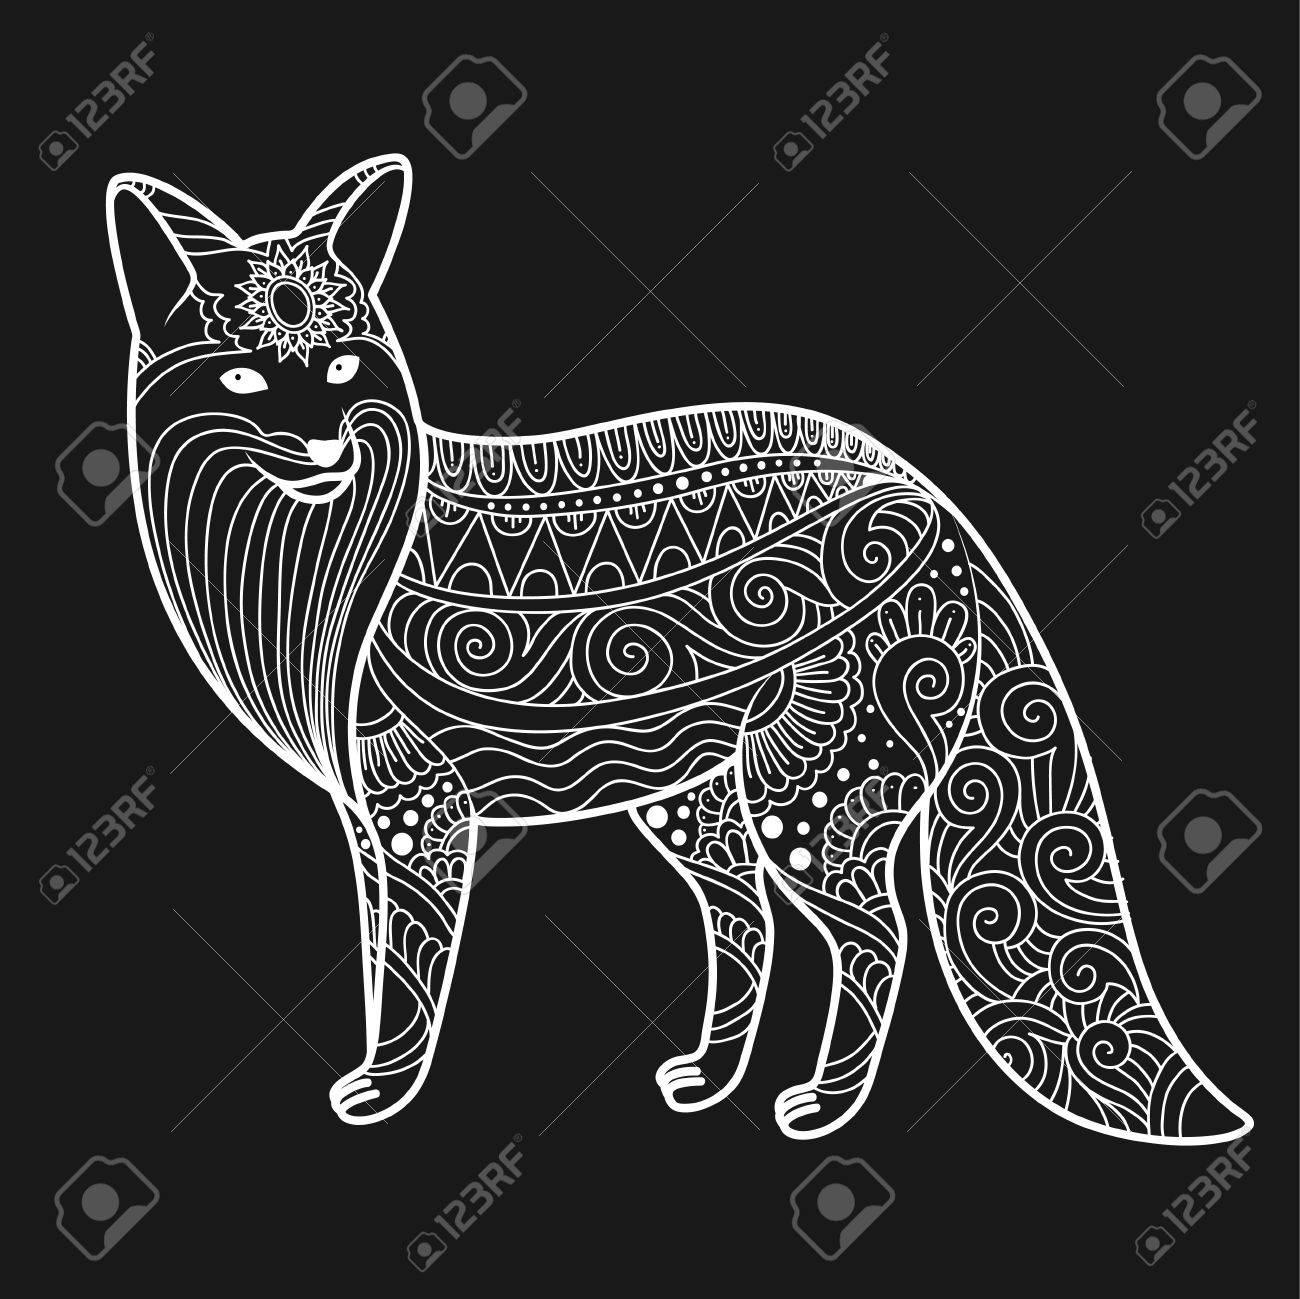 stylized fox in doodles  Pattern style zentangle  Vector sketch